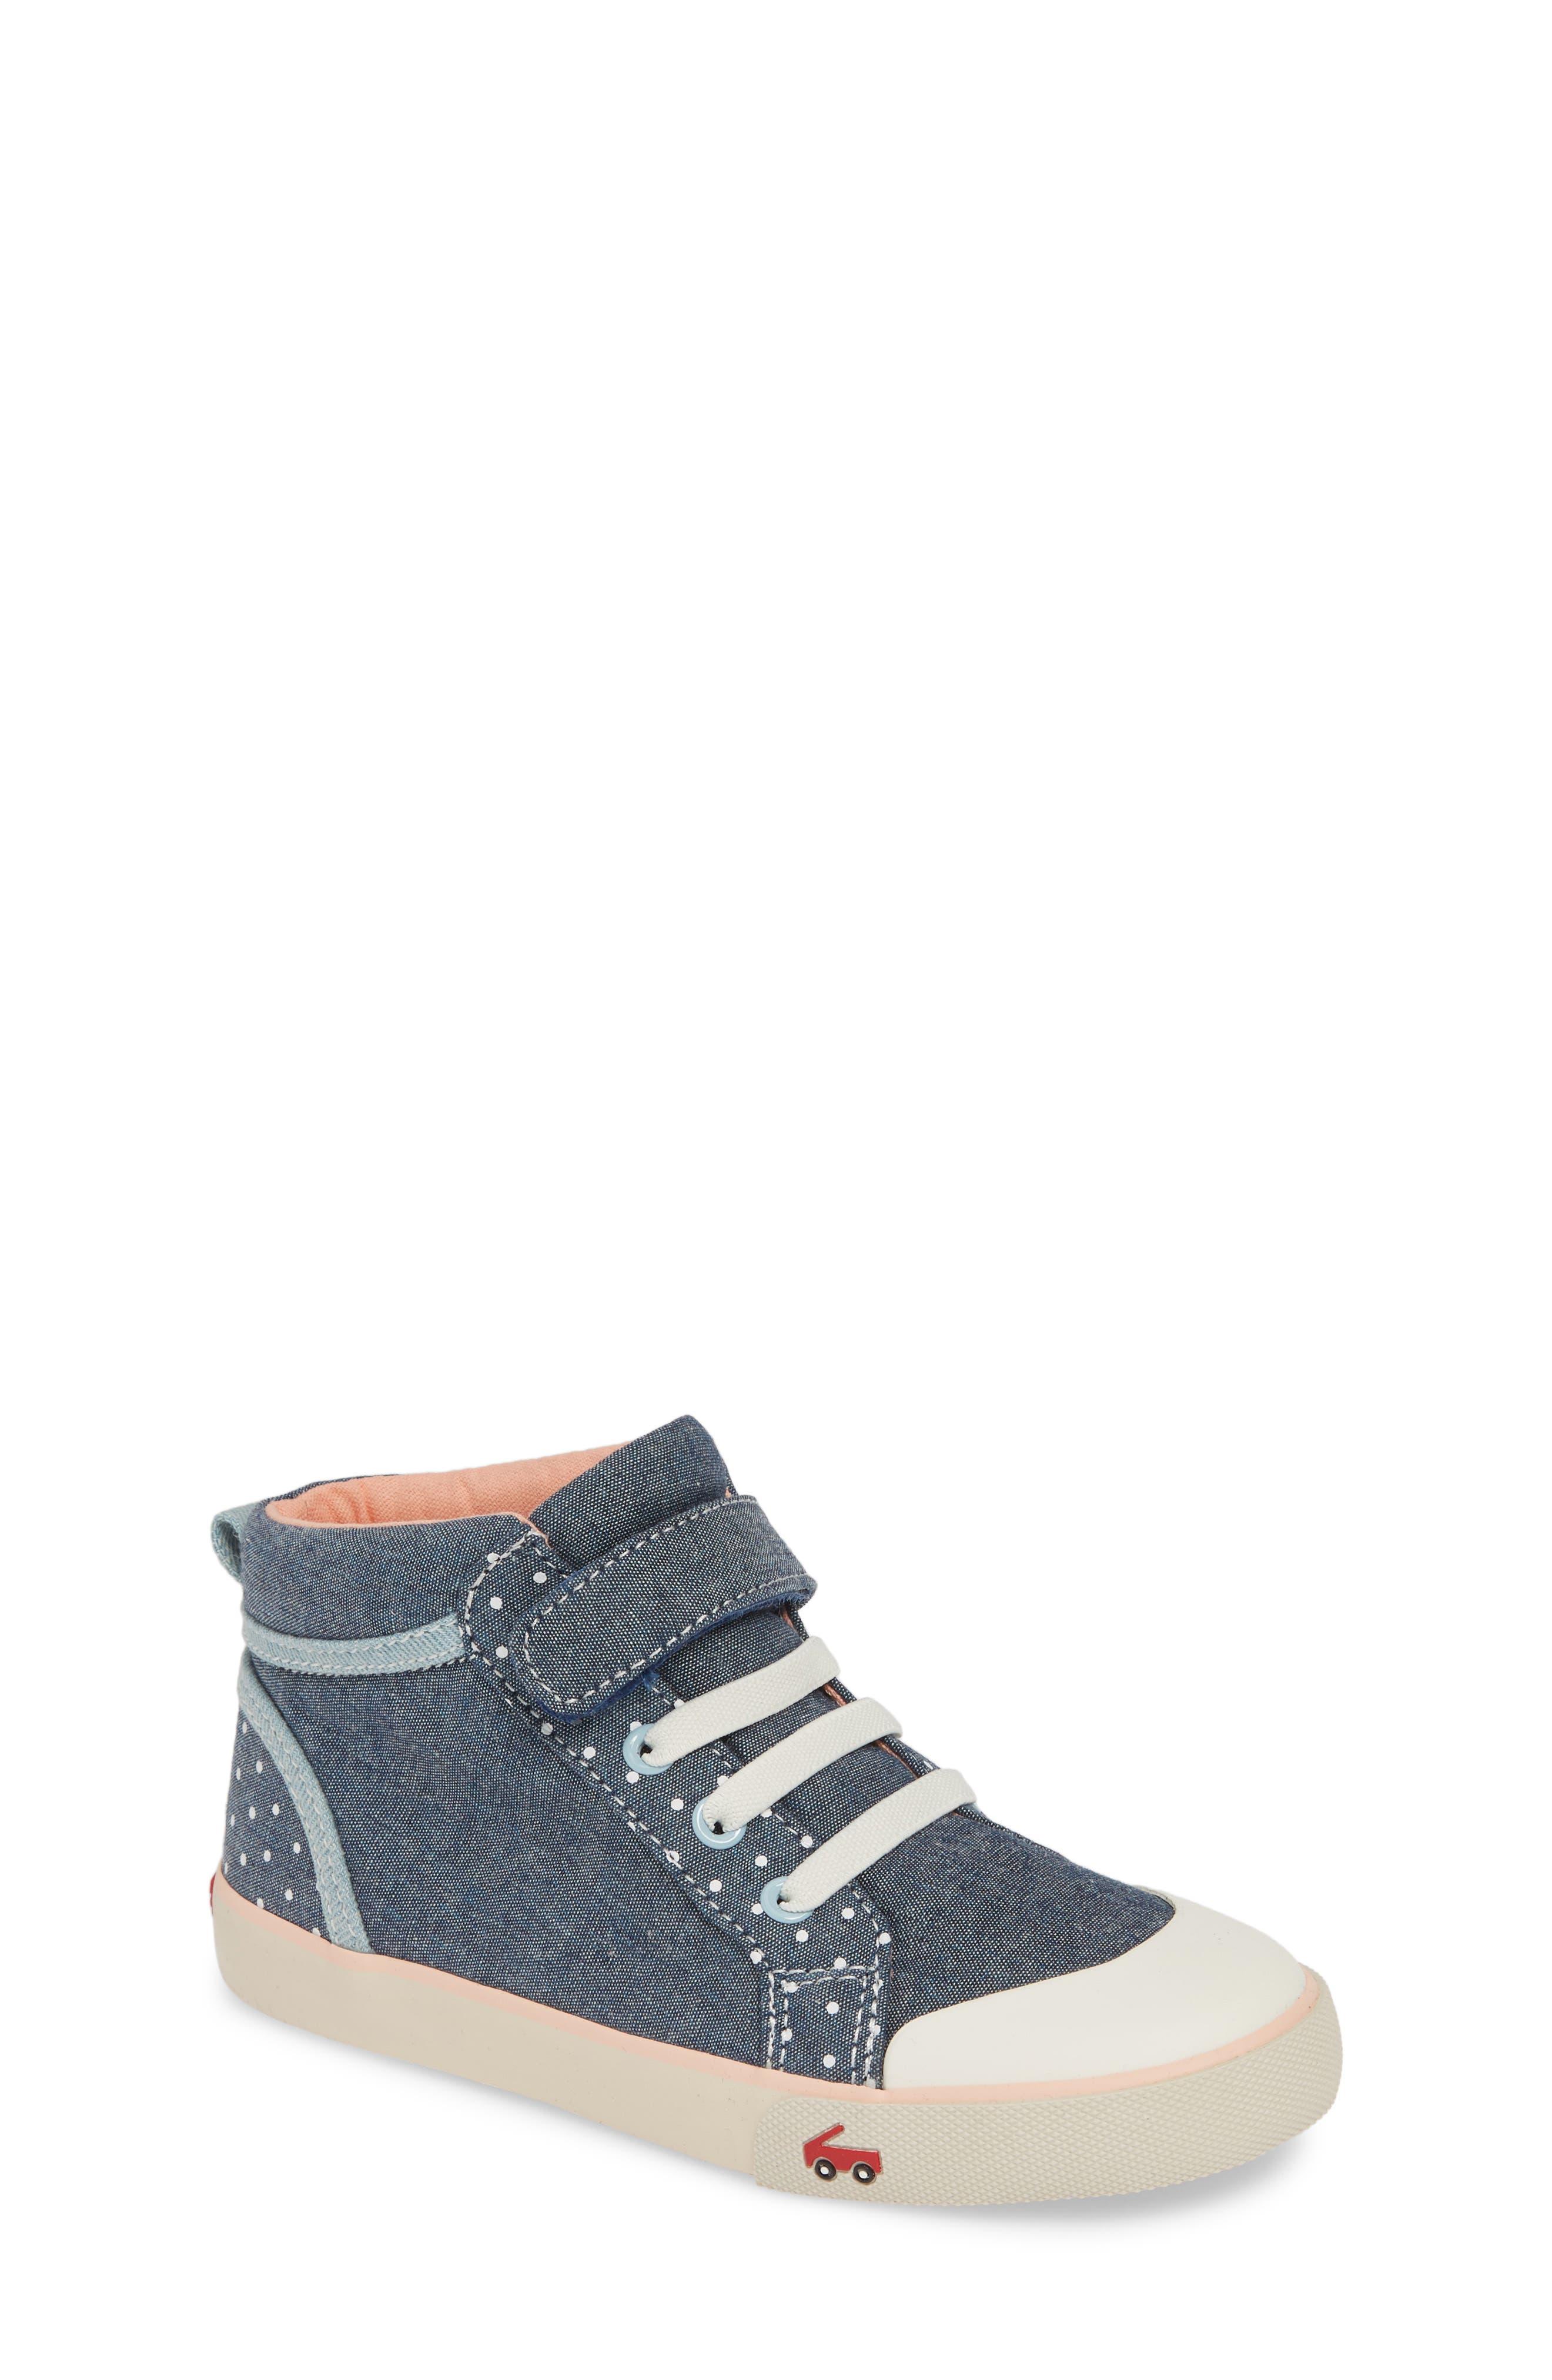 Image of See Kai Run Peyton High Top Sneaker